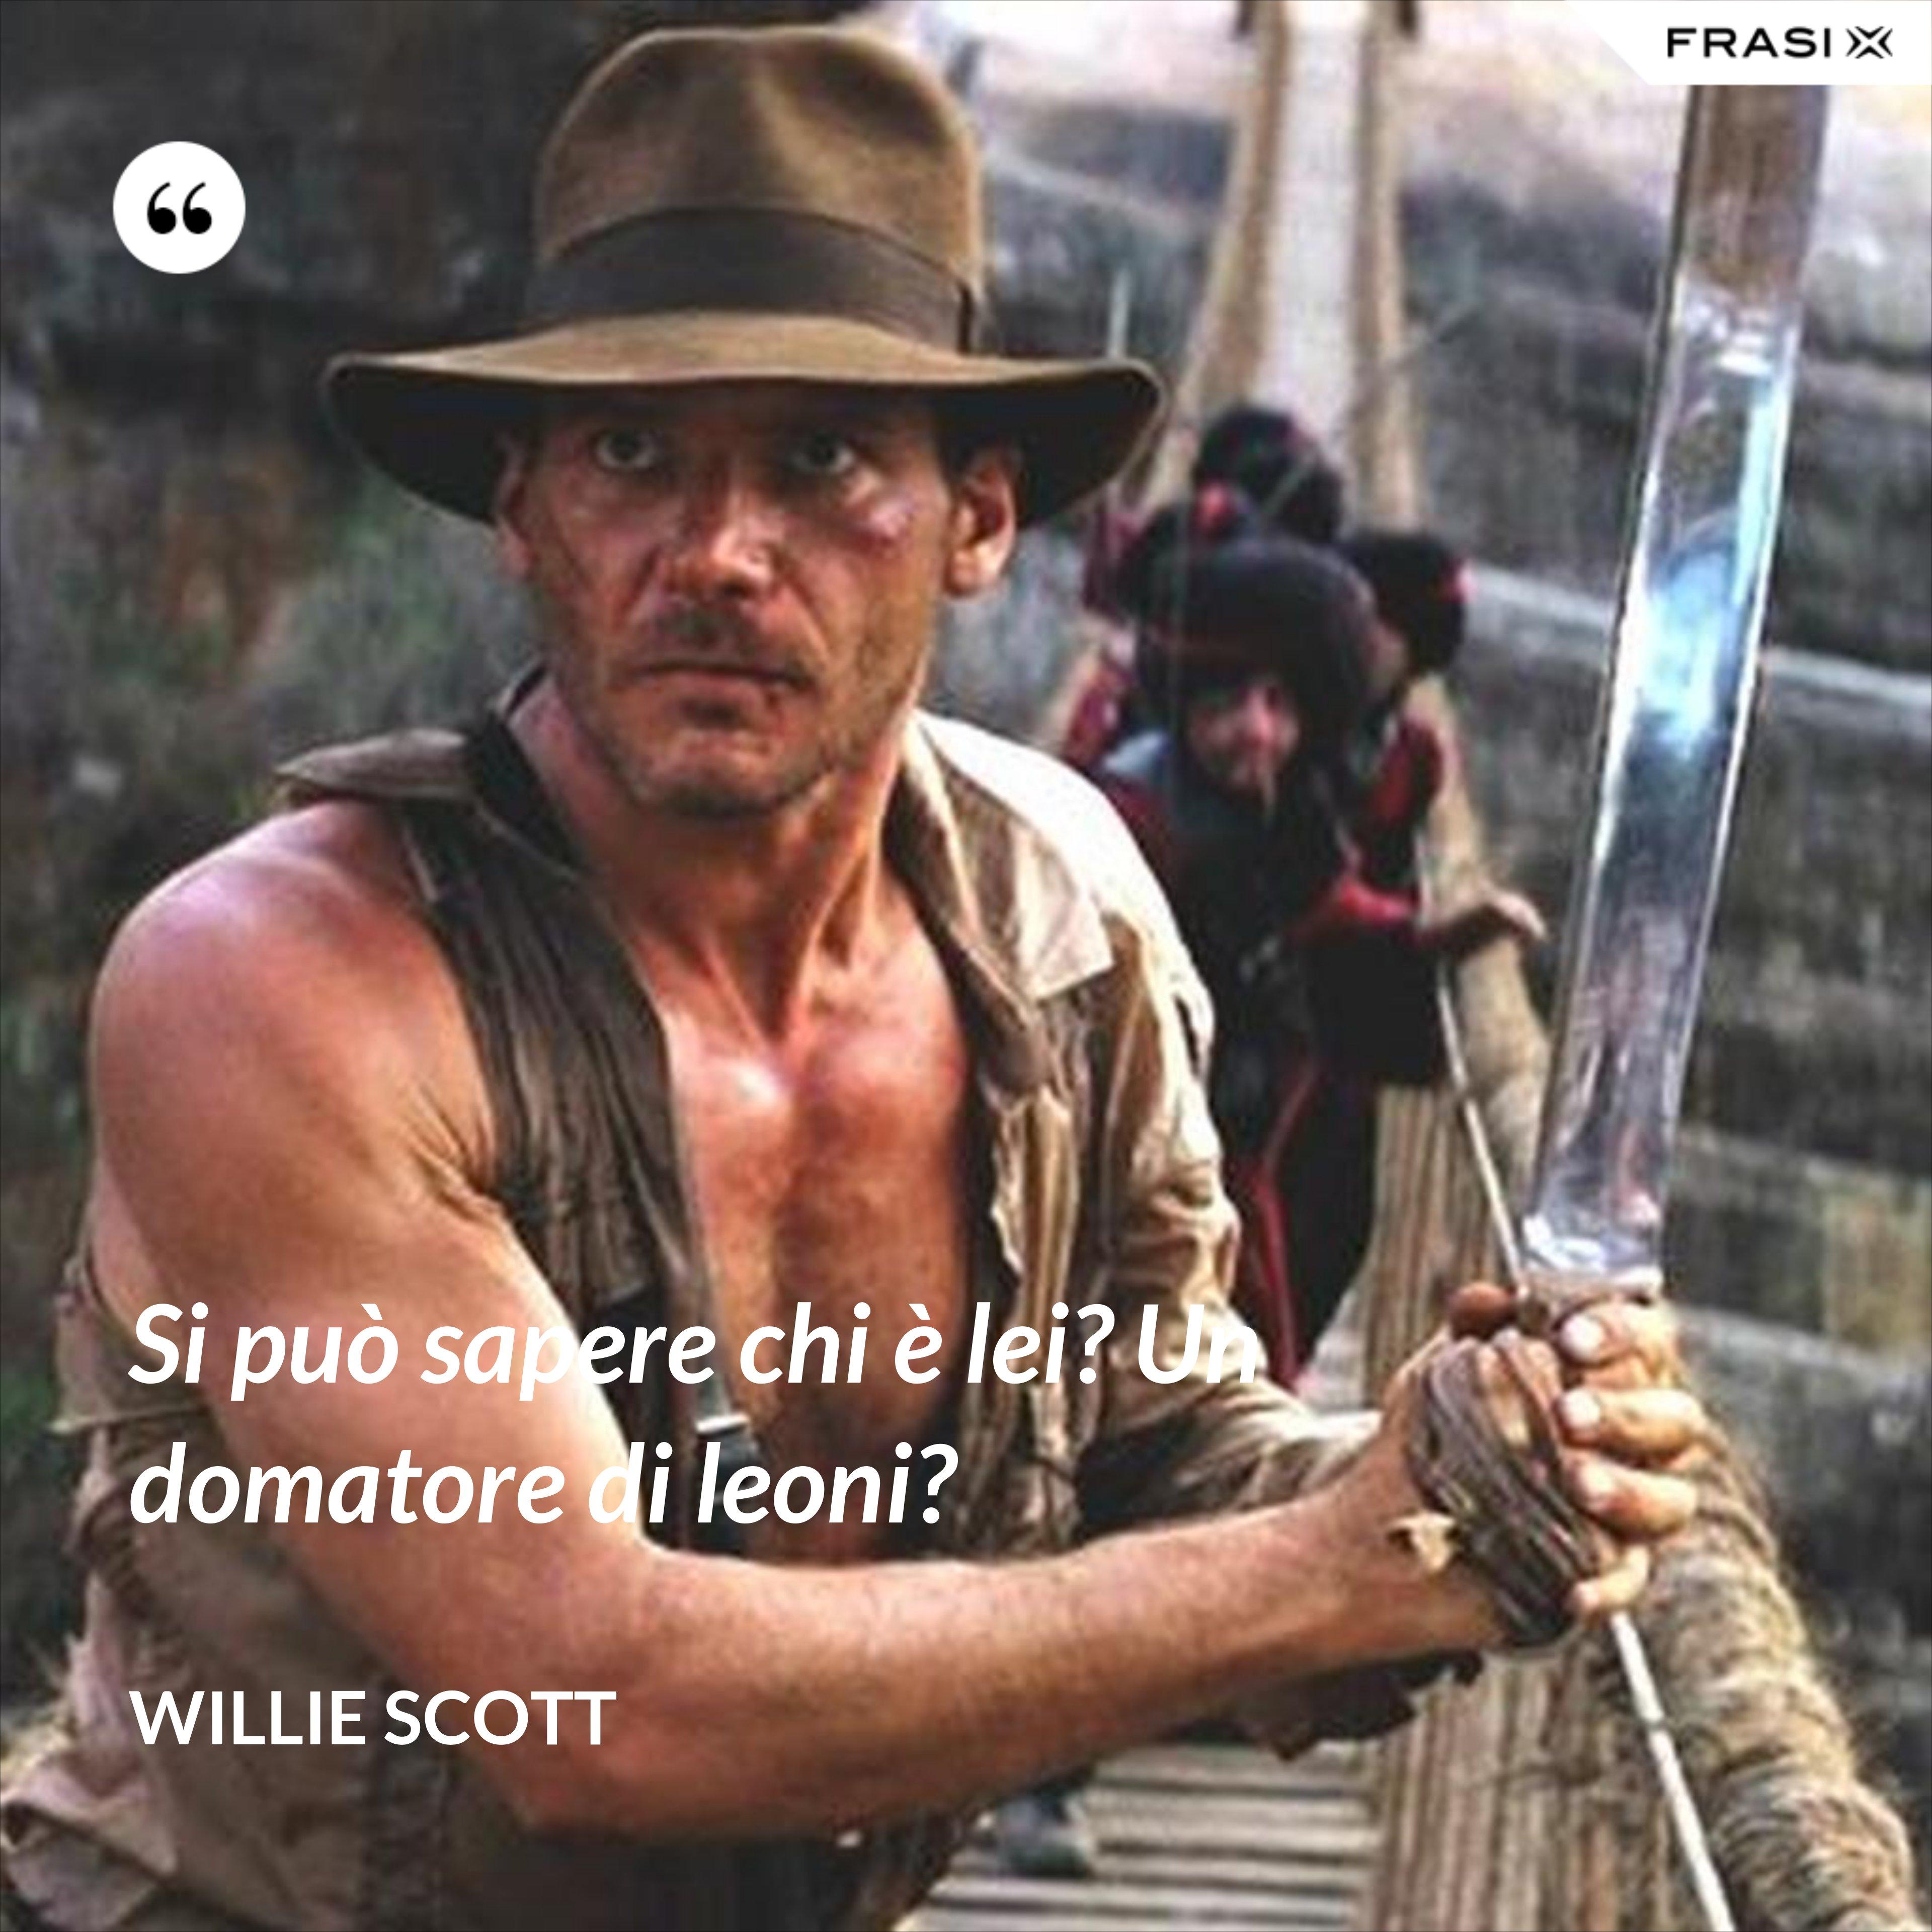 Si può sapere chi è lei? Un domatore di leoni? - Willie Scott